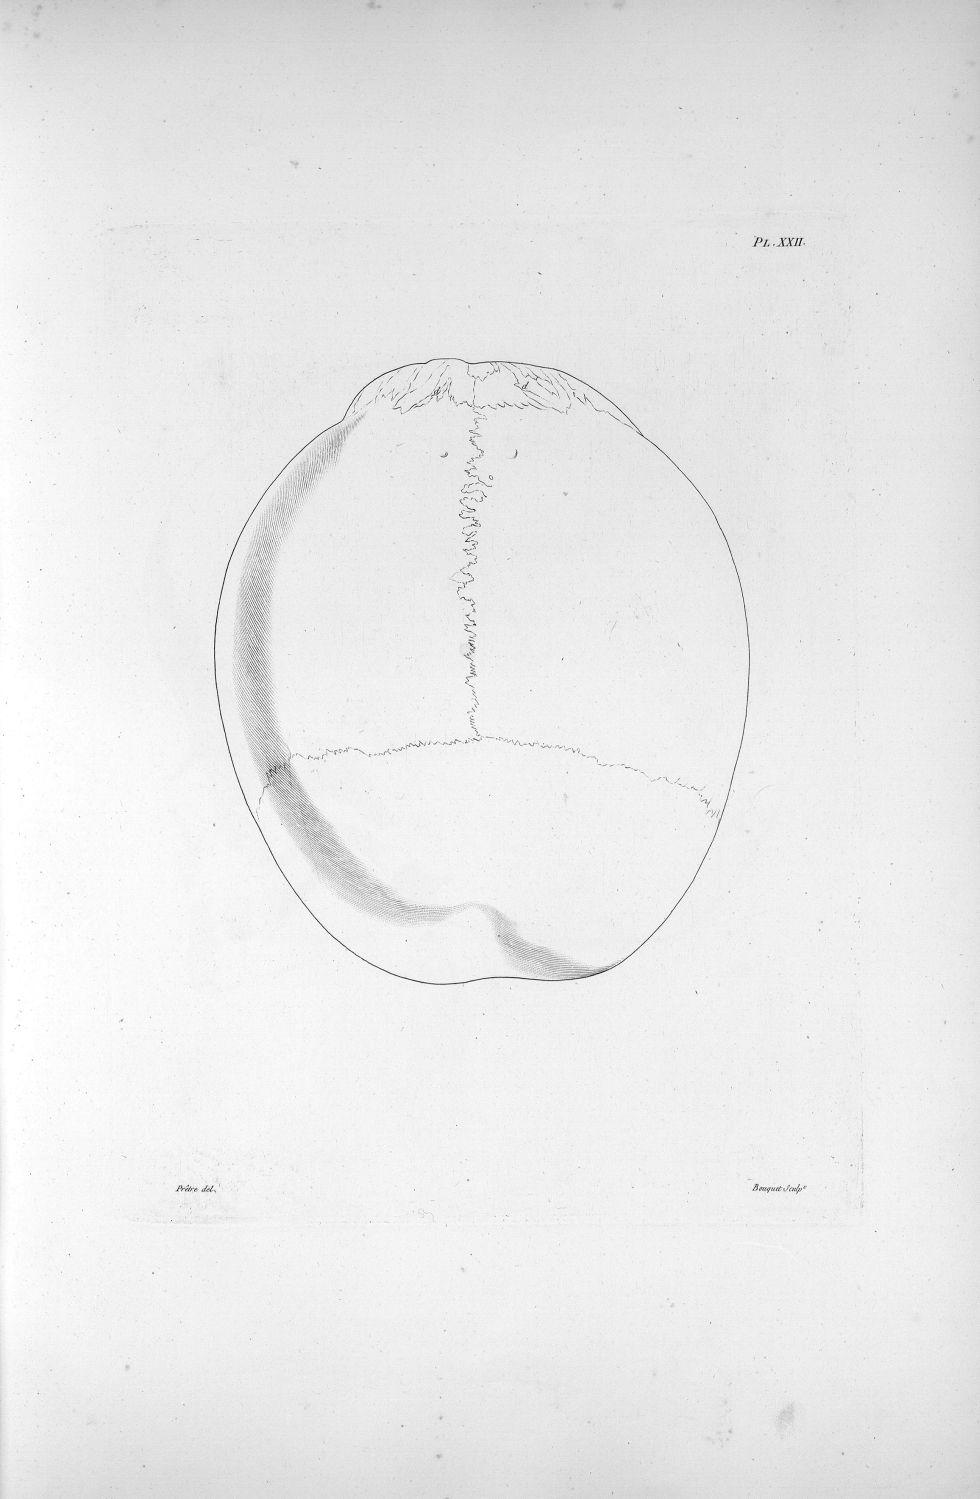 Pl. XXII. Crâne d'un crétin hydrocéphale vu d'en haut - Anatomie et physiologie du système nerveux e [...] - Anatomie. Neurologie. Crânes. Phrénologie. 19e siècle (France) - med00575xatlasx0032